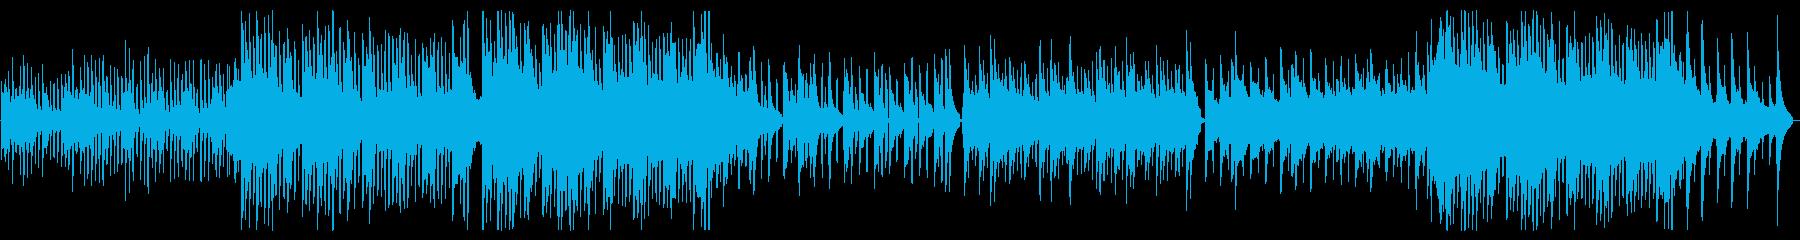 現代の交響曲 バラード 可愛い 子...の再生済みの波形